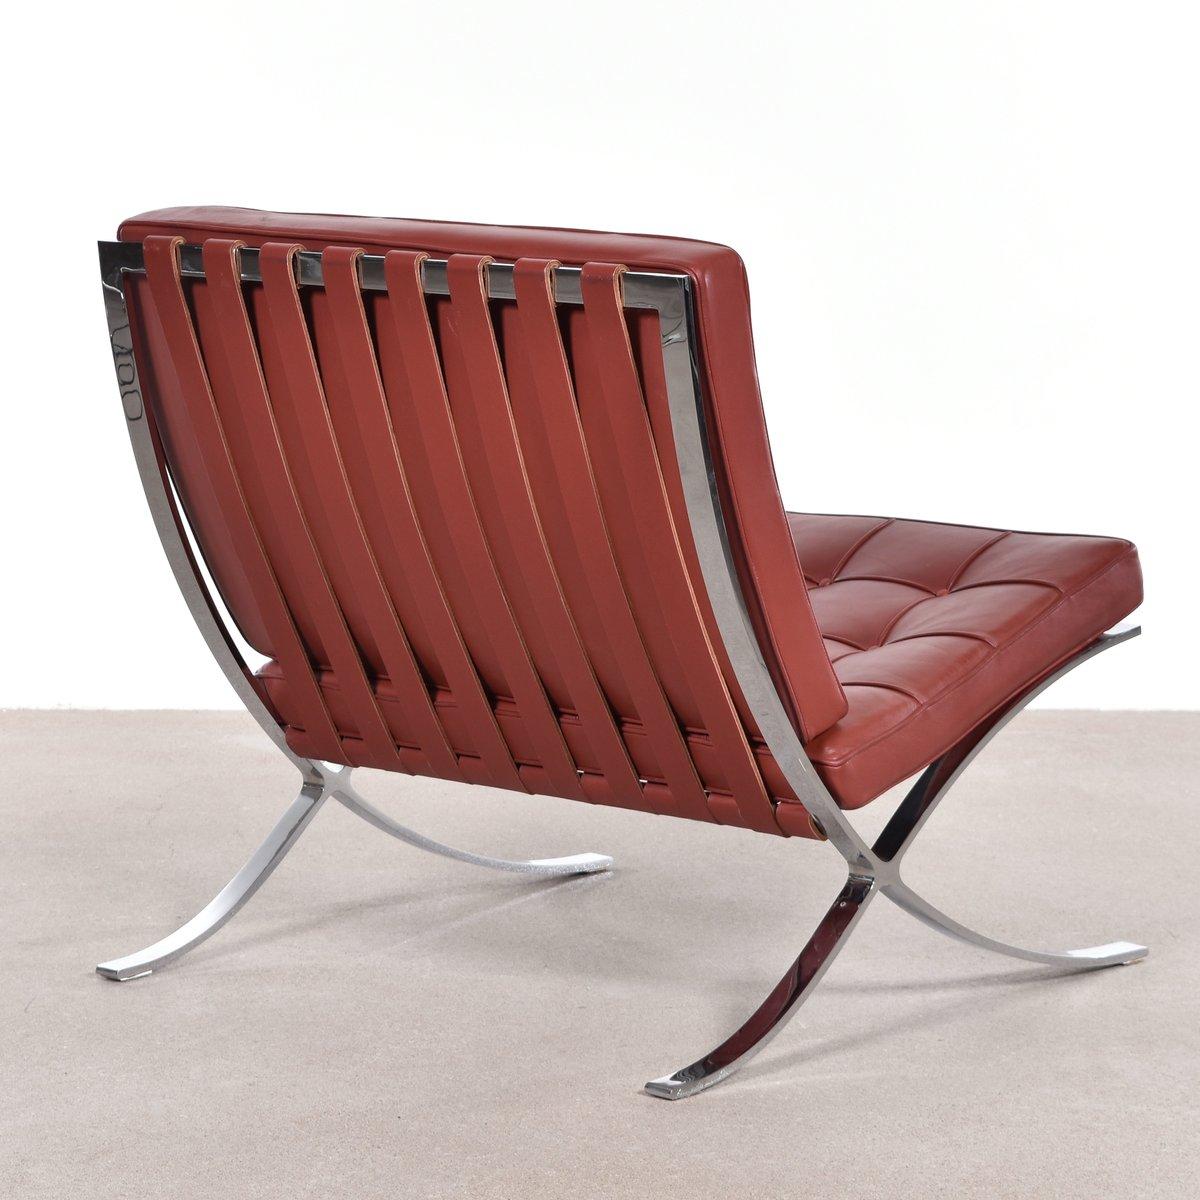 chaise barcelona par ludwig mies van der rohe pour knoll en vente sur pamono. Black Bedroom Furniture Sets. Home Design Ideas